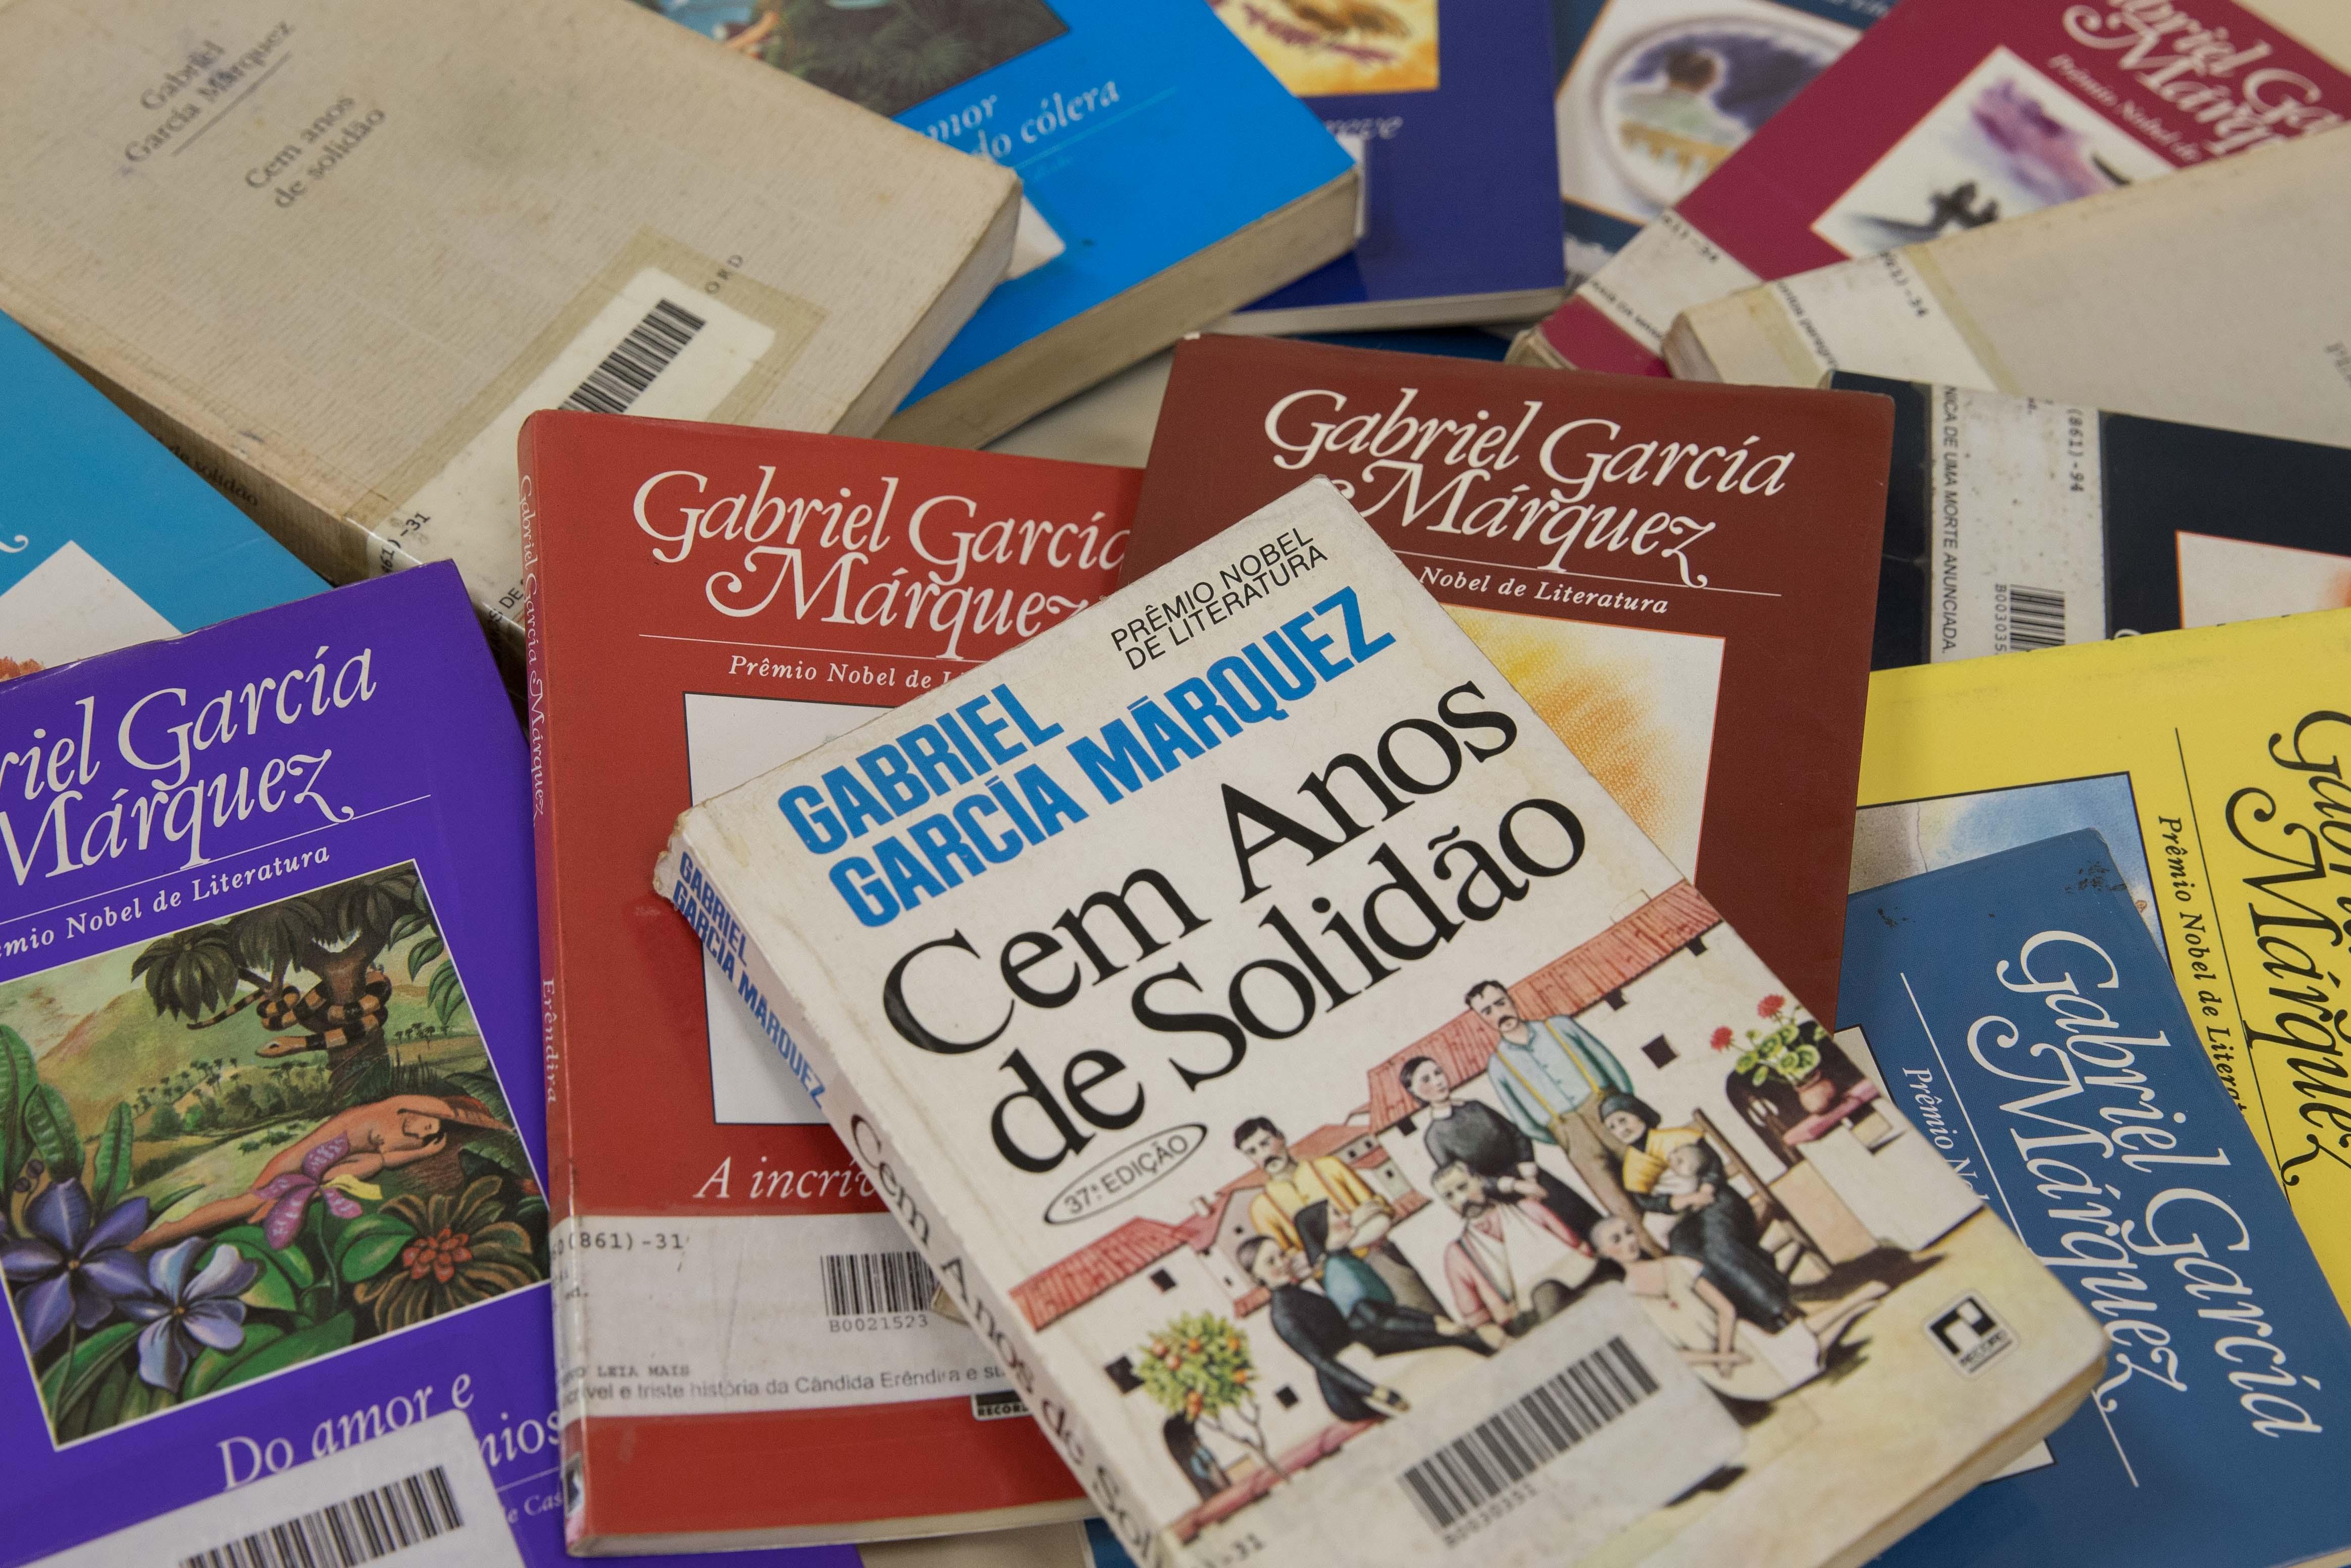 São Paulo, 06/03/2018- Fotos de livros de Gabriel Garcia Marquez. Foto: Governo do Estado de São Paulo